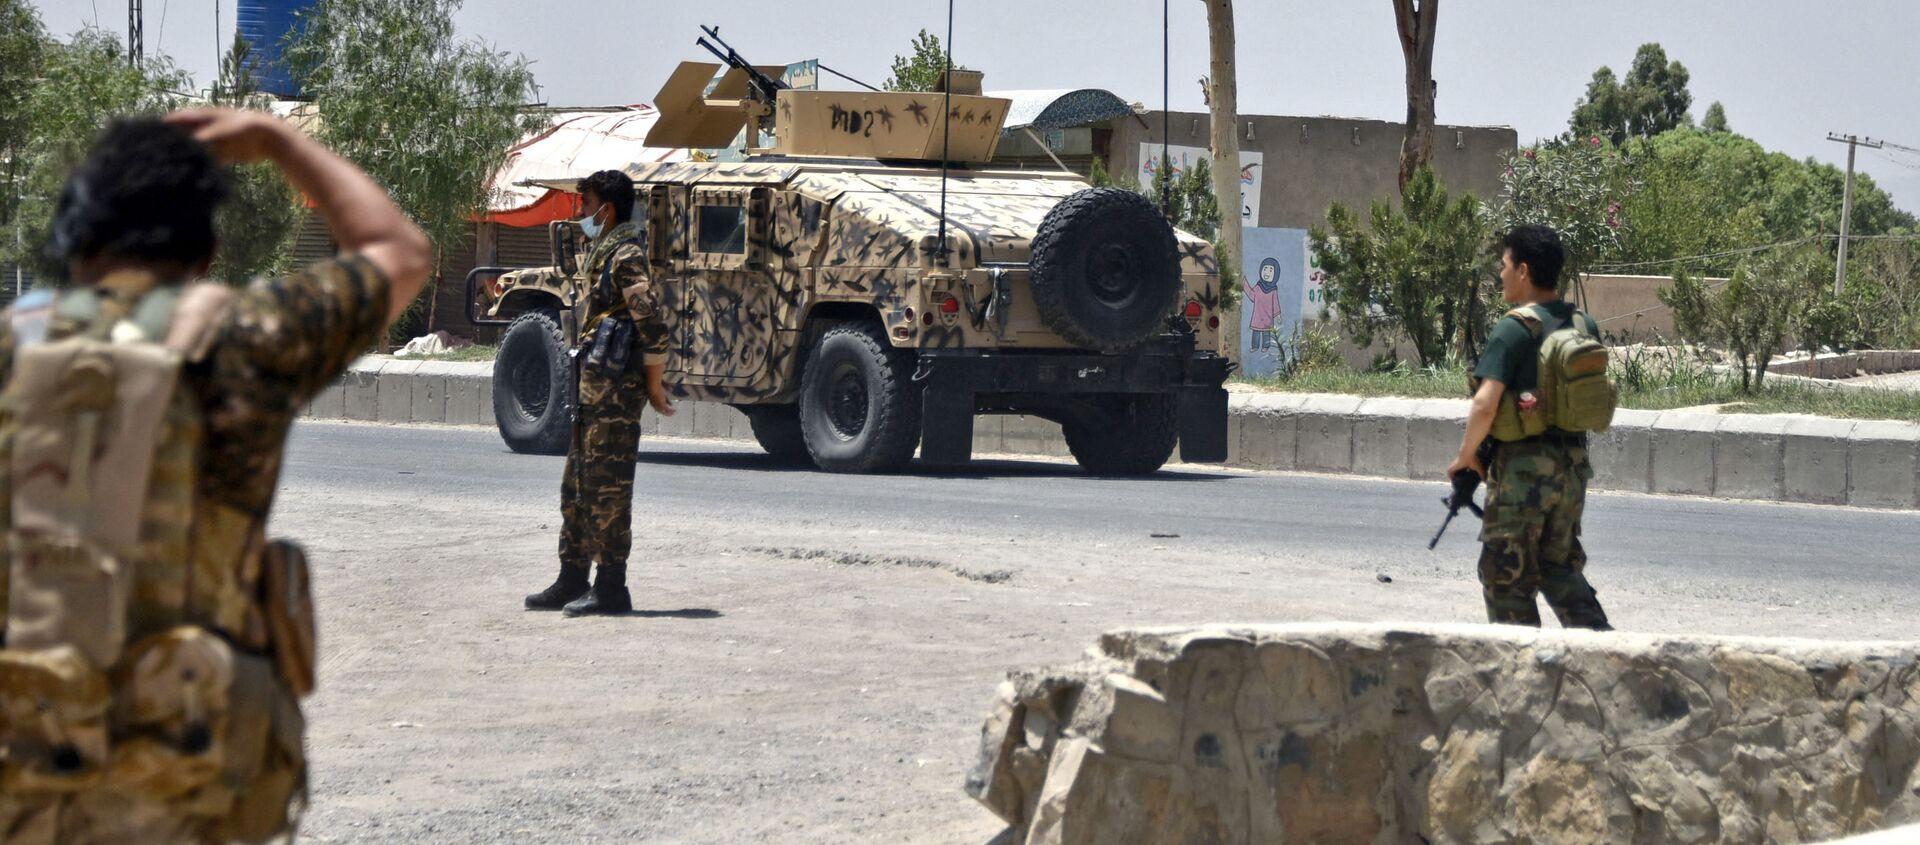 Афганские службы безопасности стоят на страже дороги на фоне продолжающейся борьбы между афганскими силами безопасности и боевиками Талибана в Кандагаре 9 июля 2021 г - Sputnik Абхазия, 1920, 15.07.2021